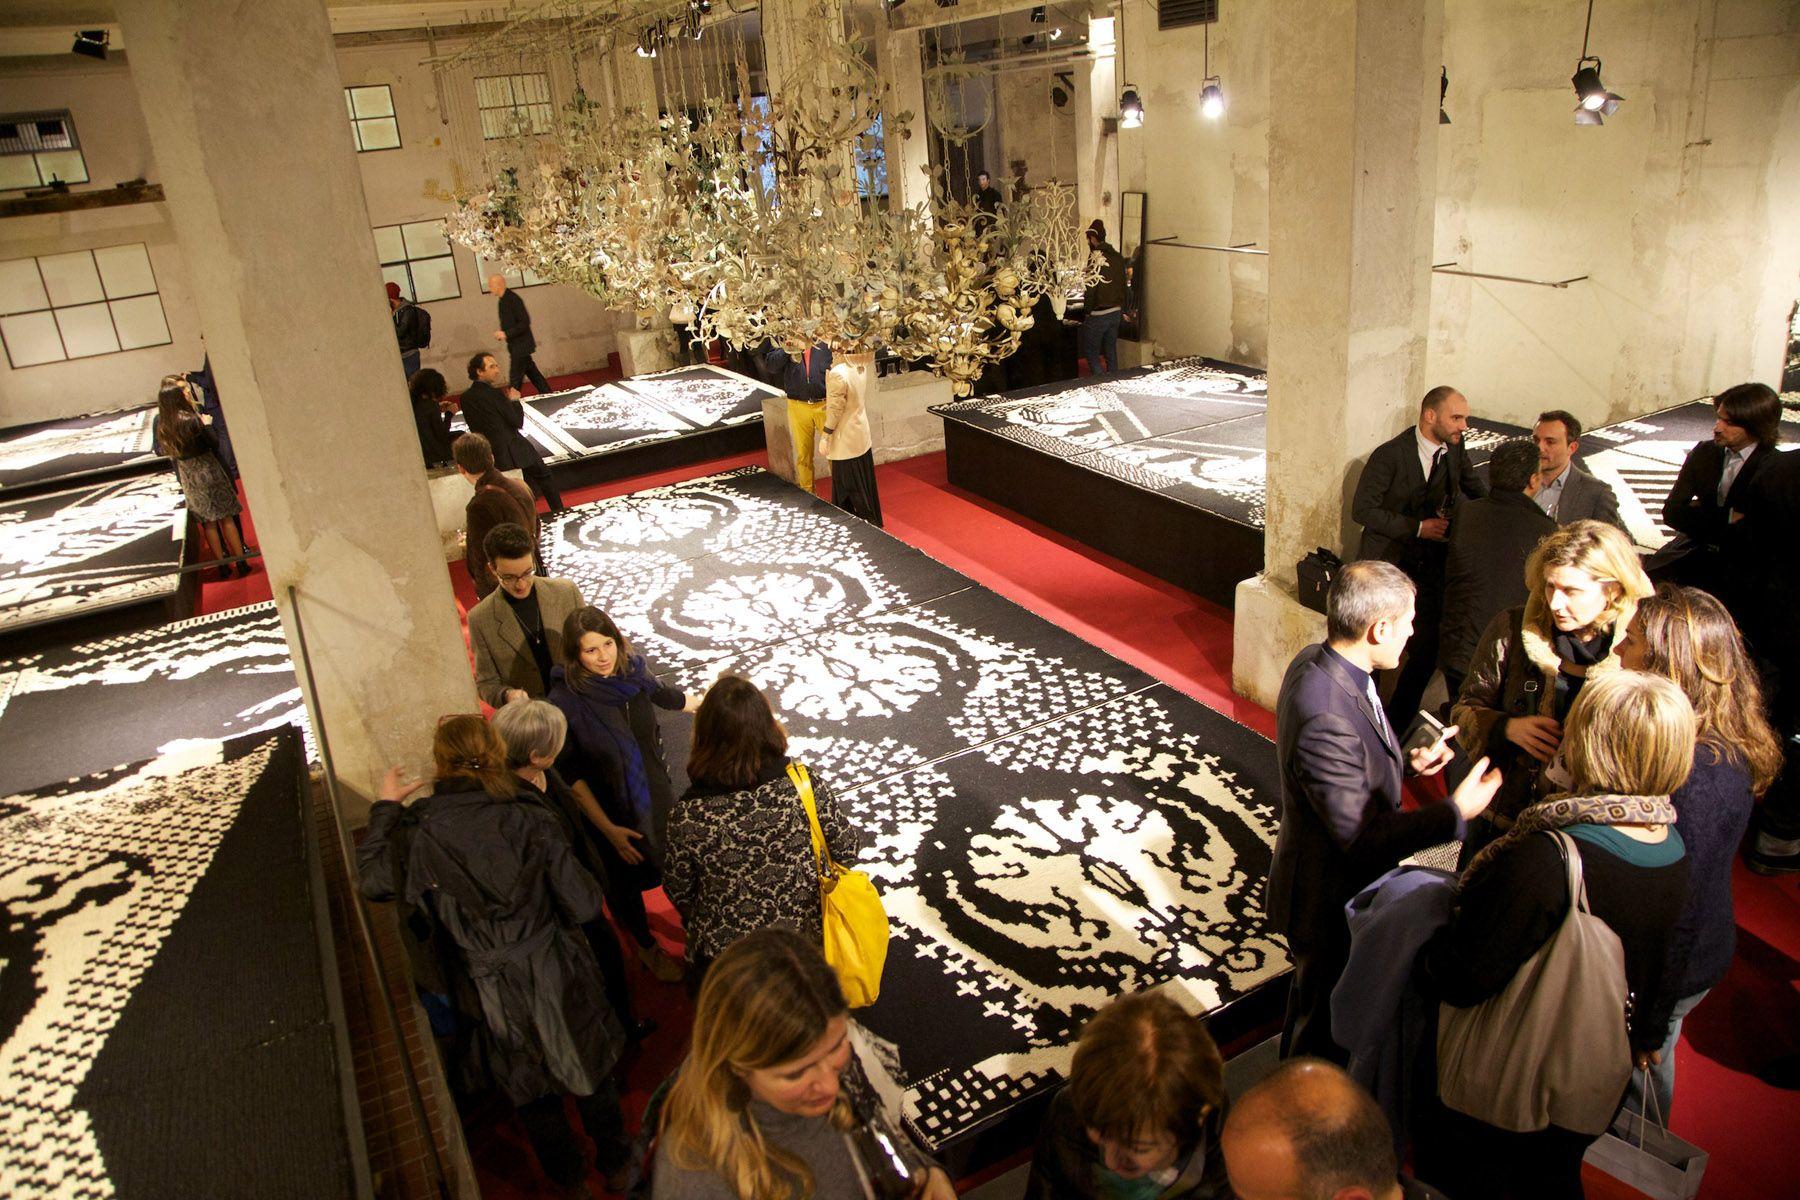 Passavamo sulla Terra Leggeri - tra tappeti e pareti. Milano, Salone del Mobile 2013